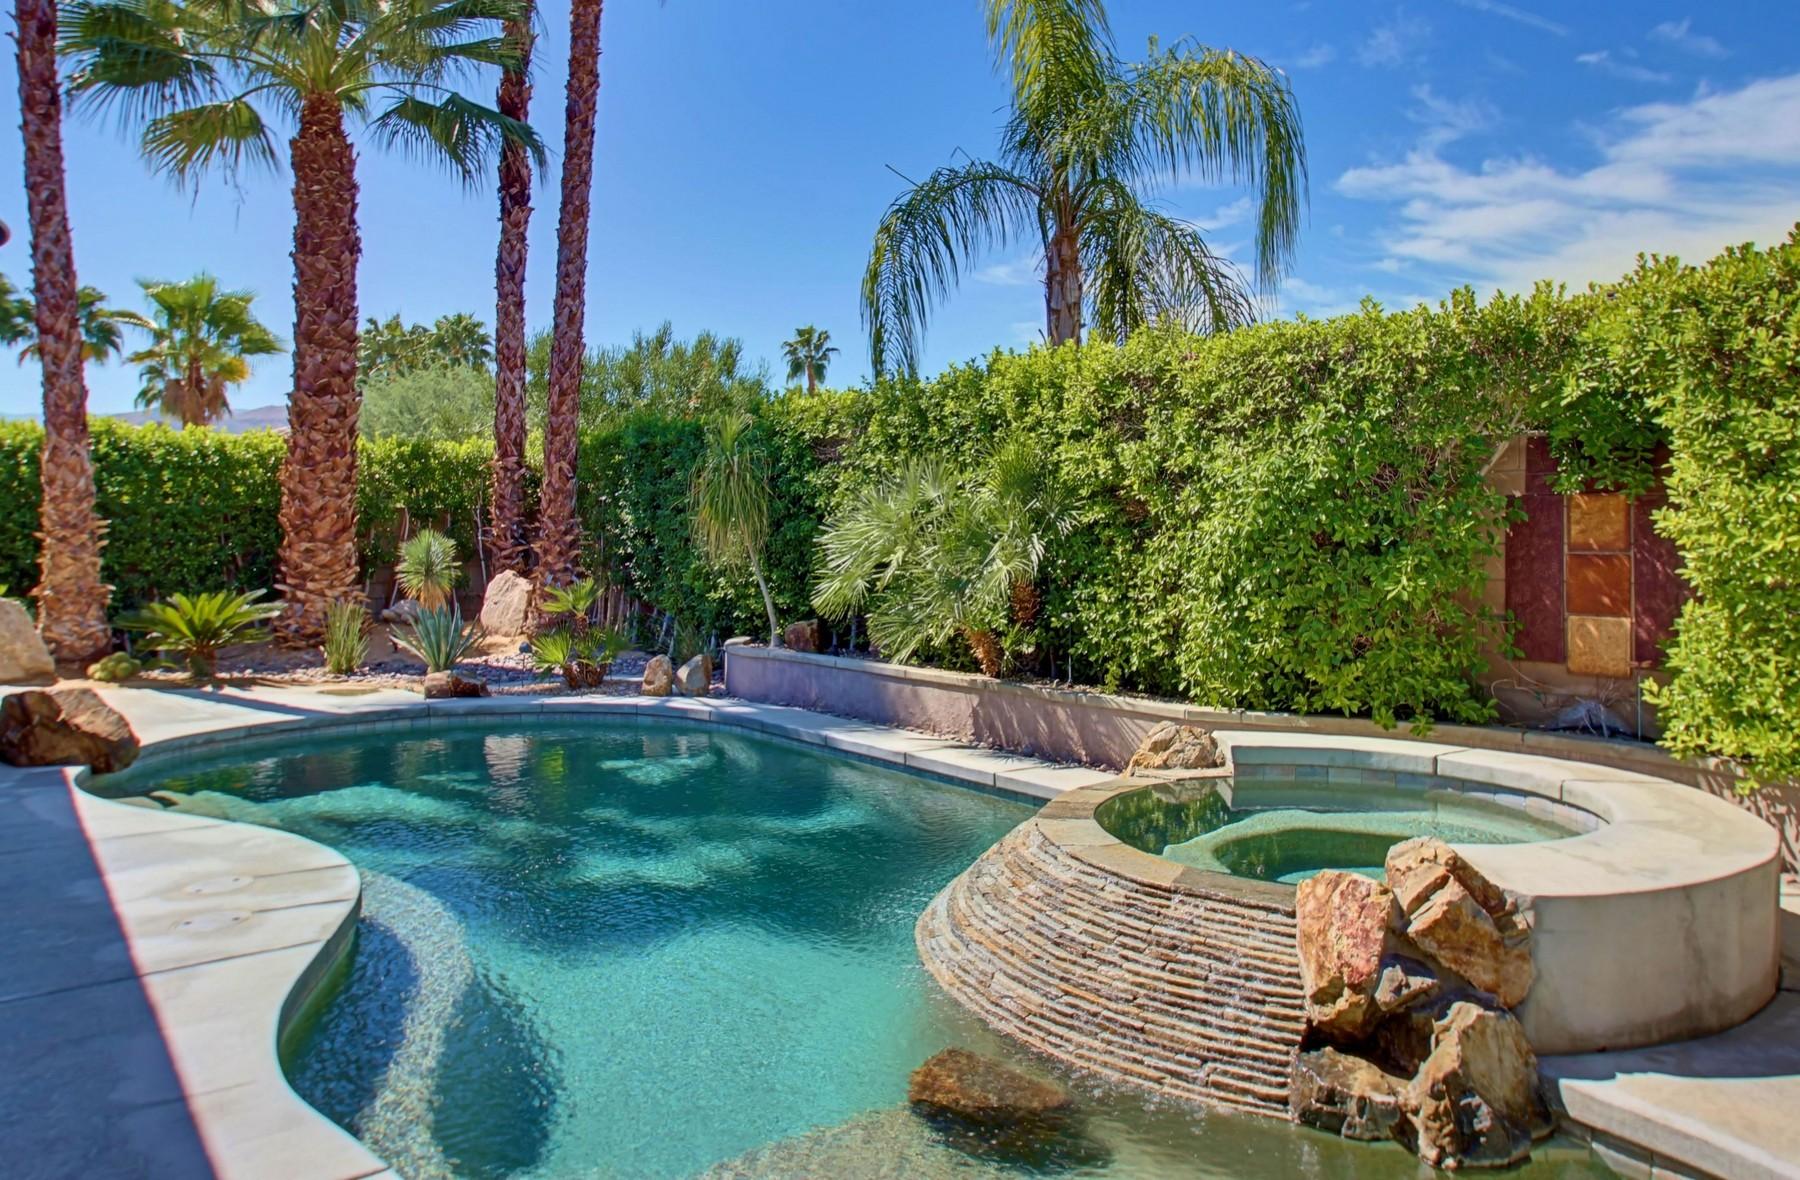 Villa per Vendita alle ore 36297 Da Vinci Drive Cathedral City, California 92234 Stati Uniti